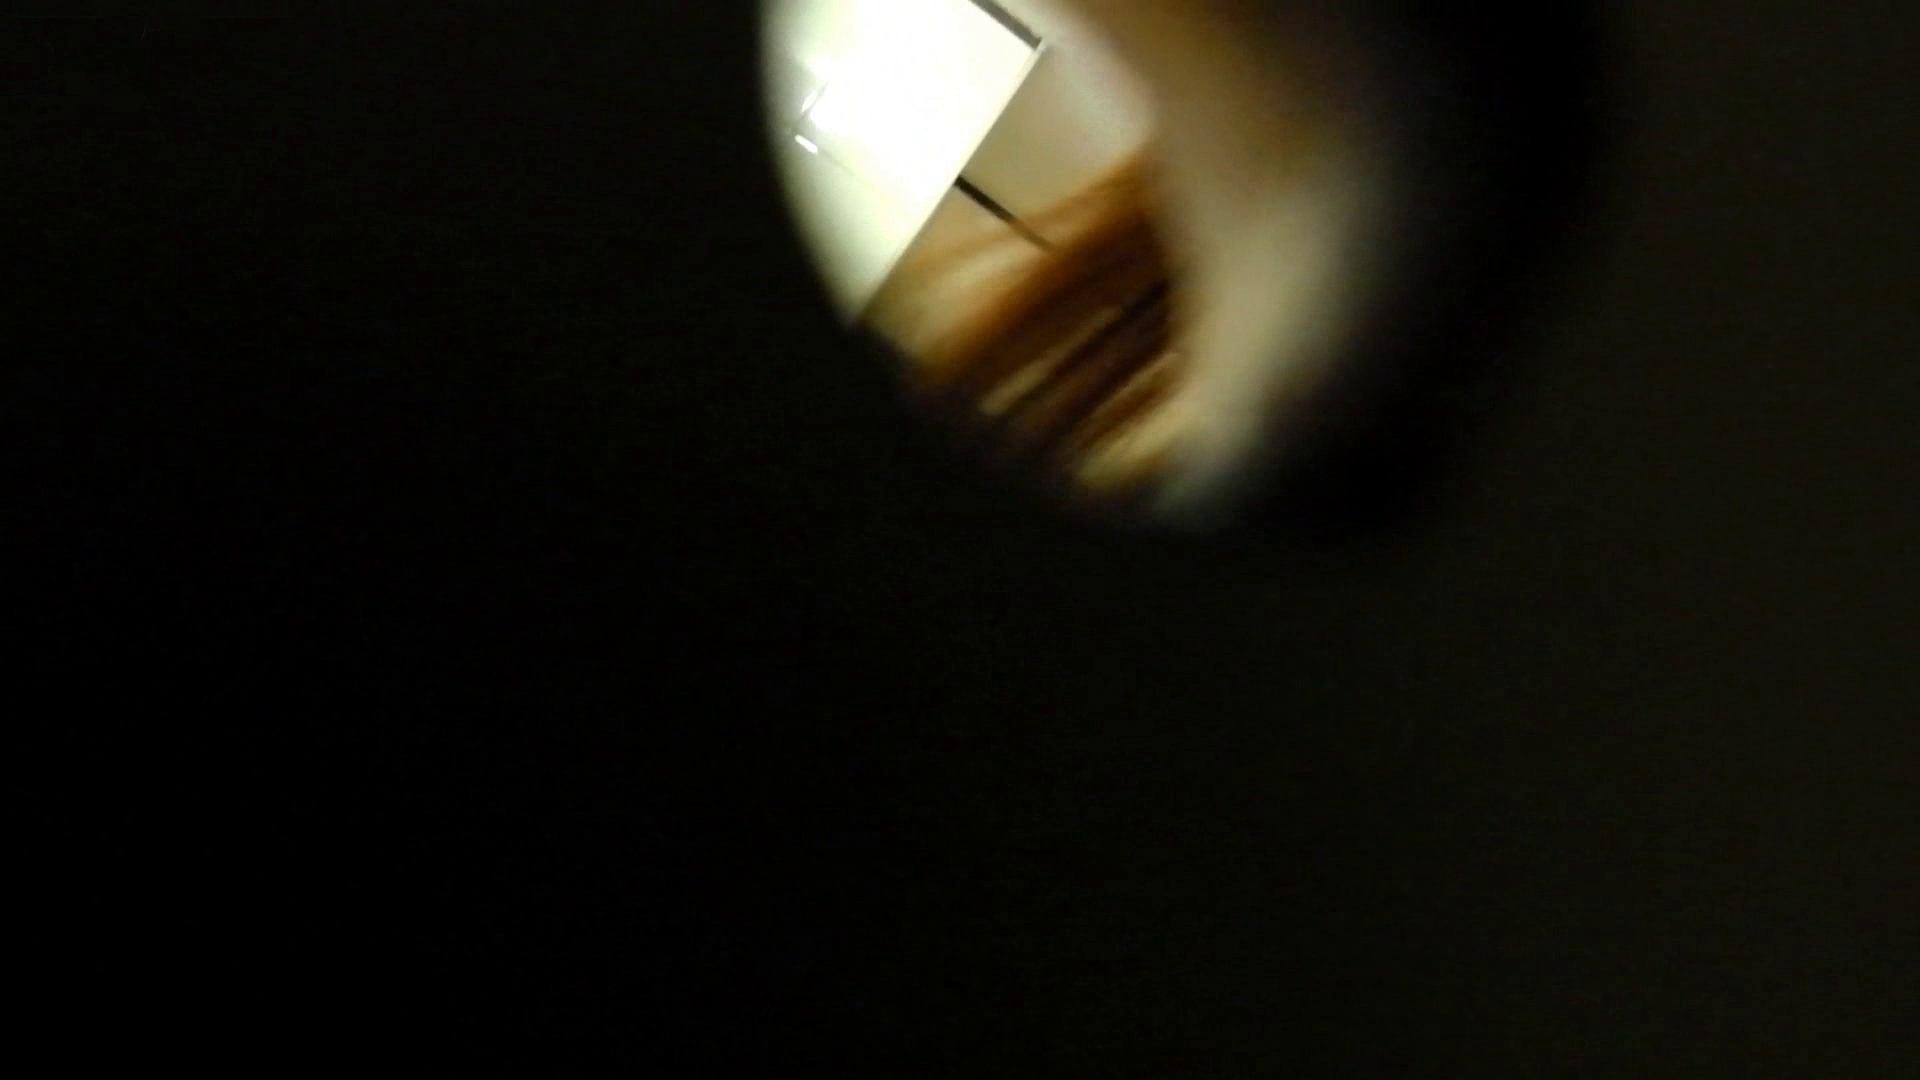 ステーション編 vol.28 無料動画に登場したモデルつい本番登場!! 高画質 アダルト動画キャプチャ 99枚 65